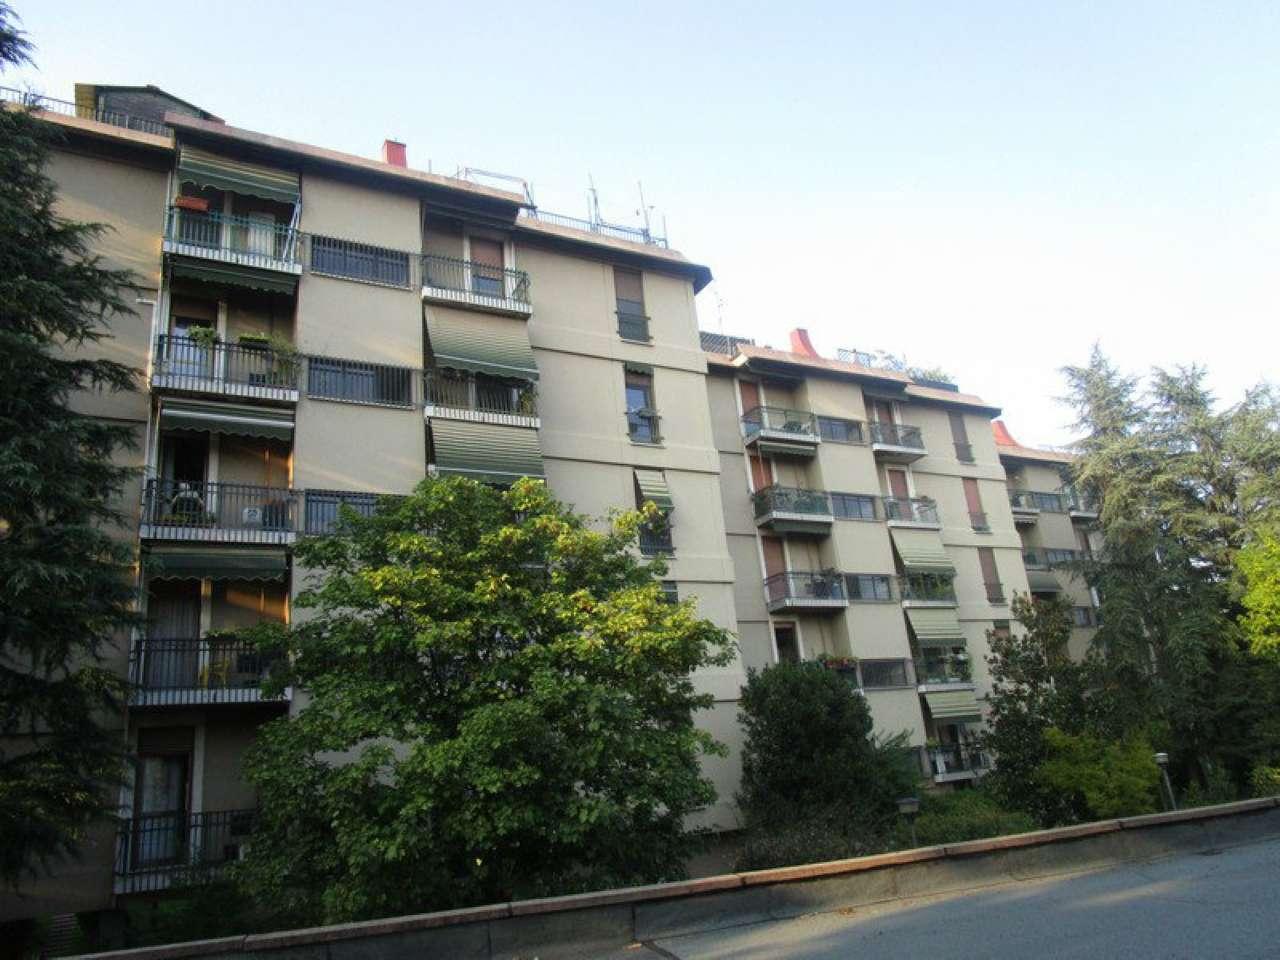 Appartamento in affitto a Agrate Brianza, 3 locali, prezzo € 800 | Cambio Casa.it